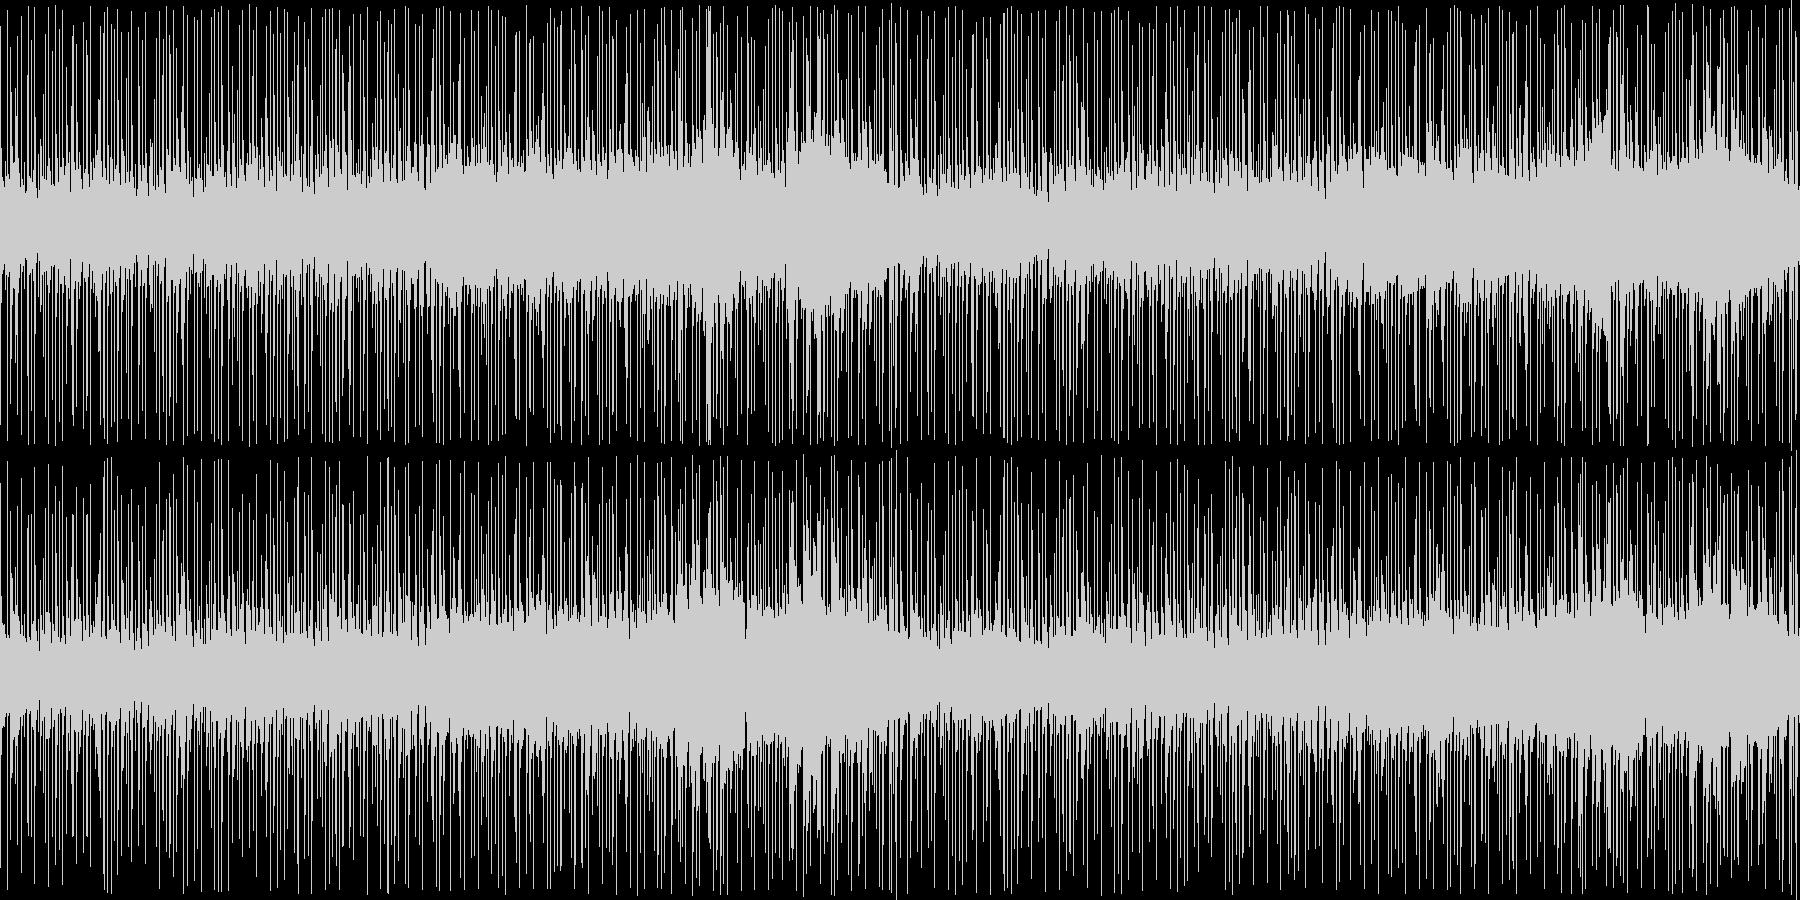 【ニュース】ニュース番組向け分析・解説Aの未再生の波形